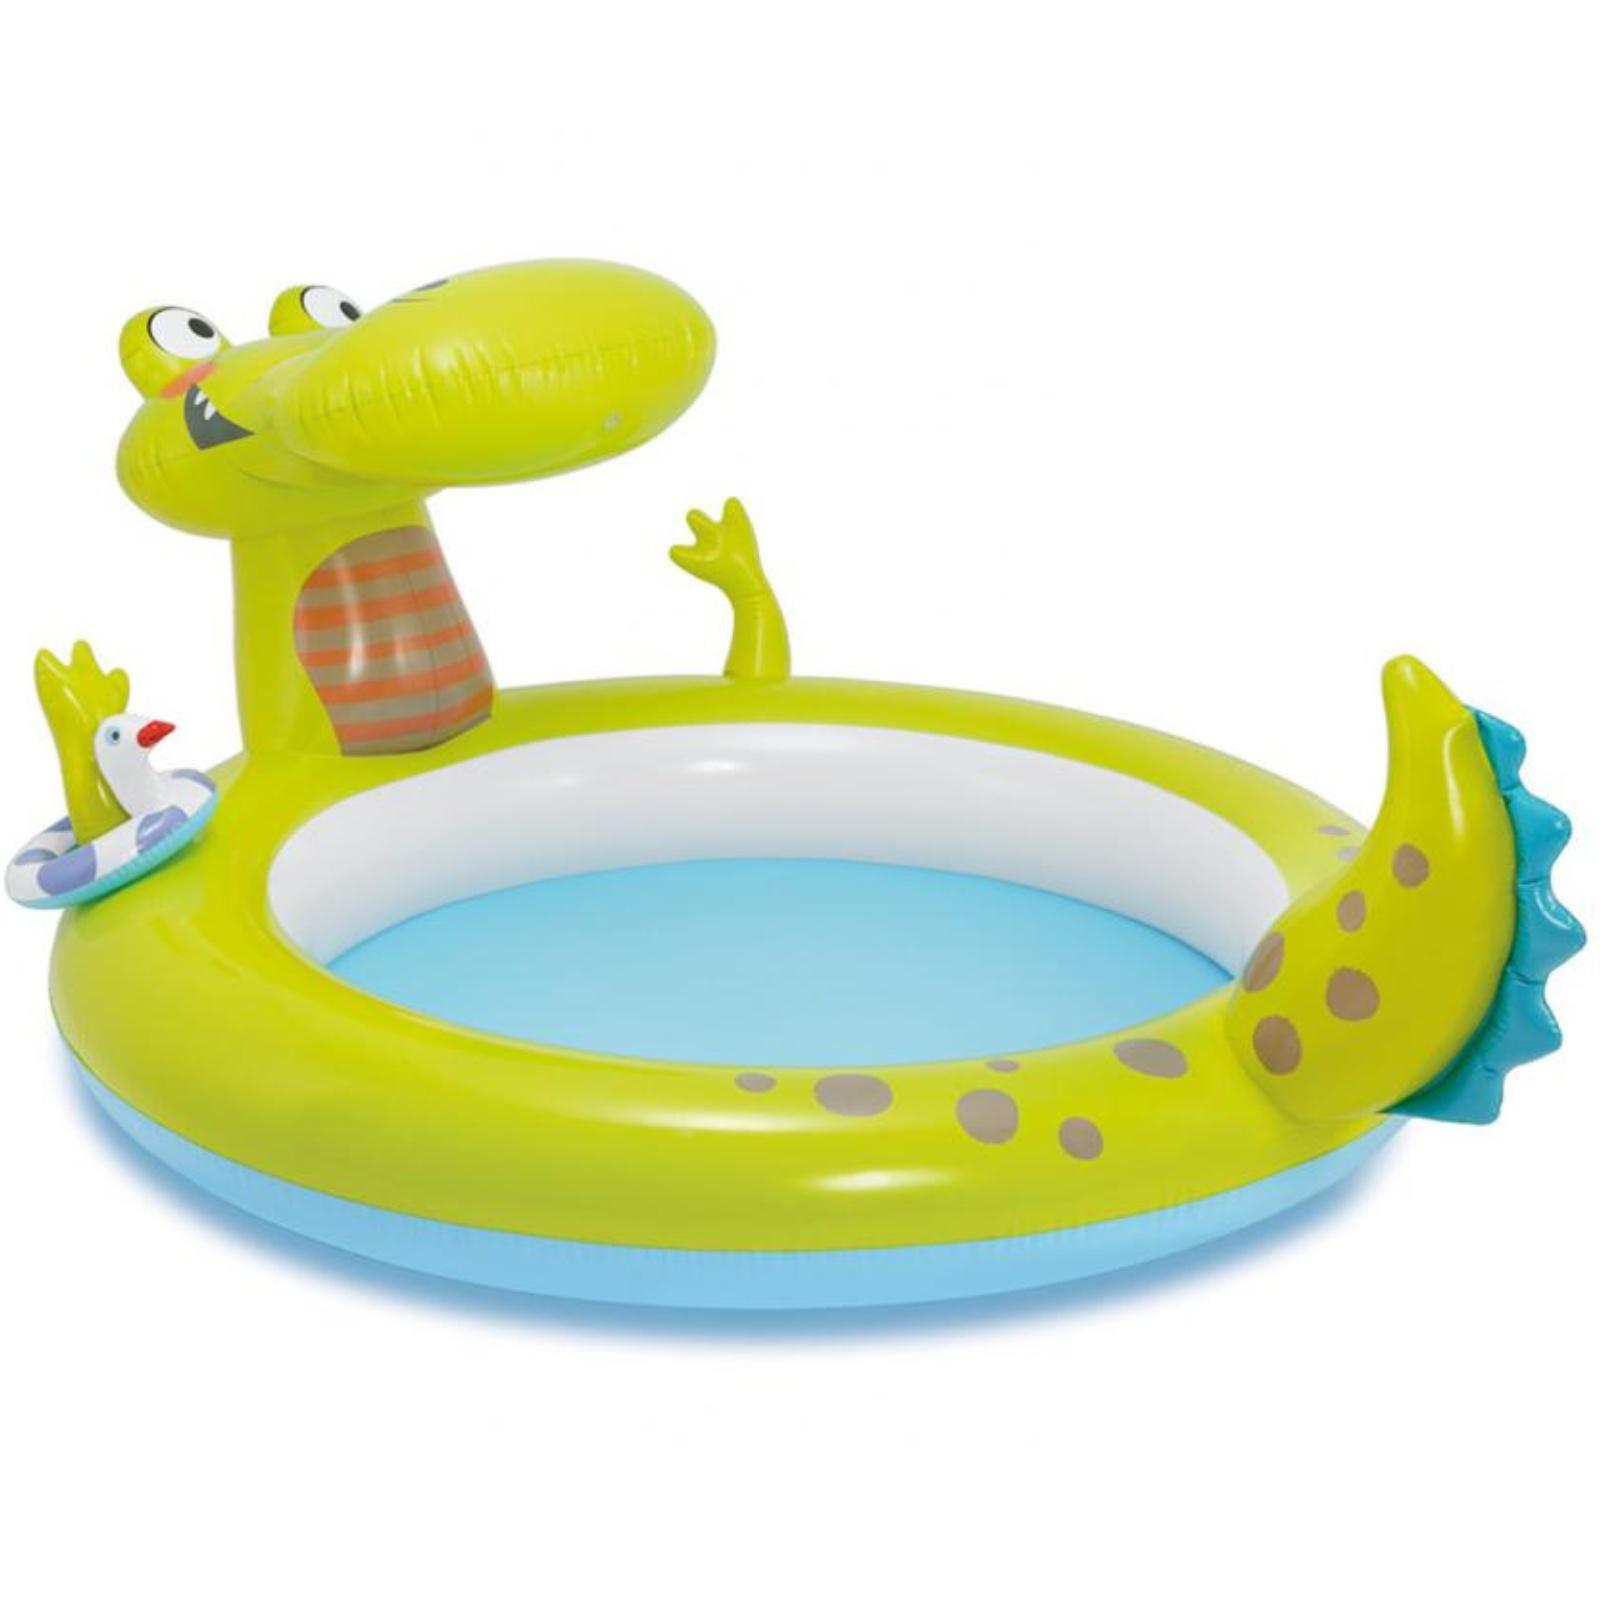 Nafukovací bazén INTEX Gator se sprchou